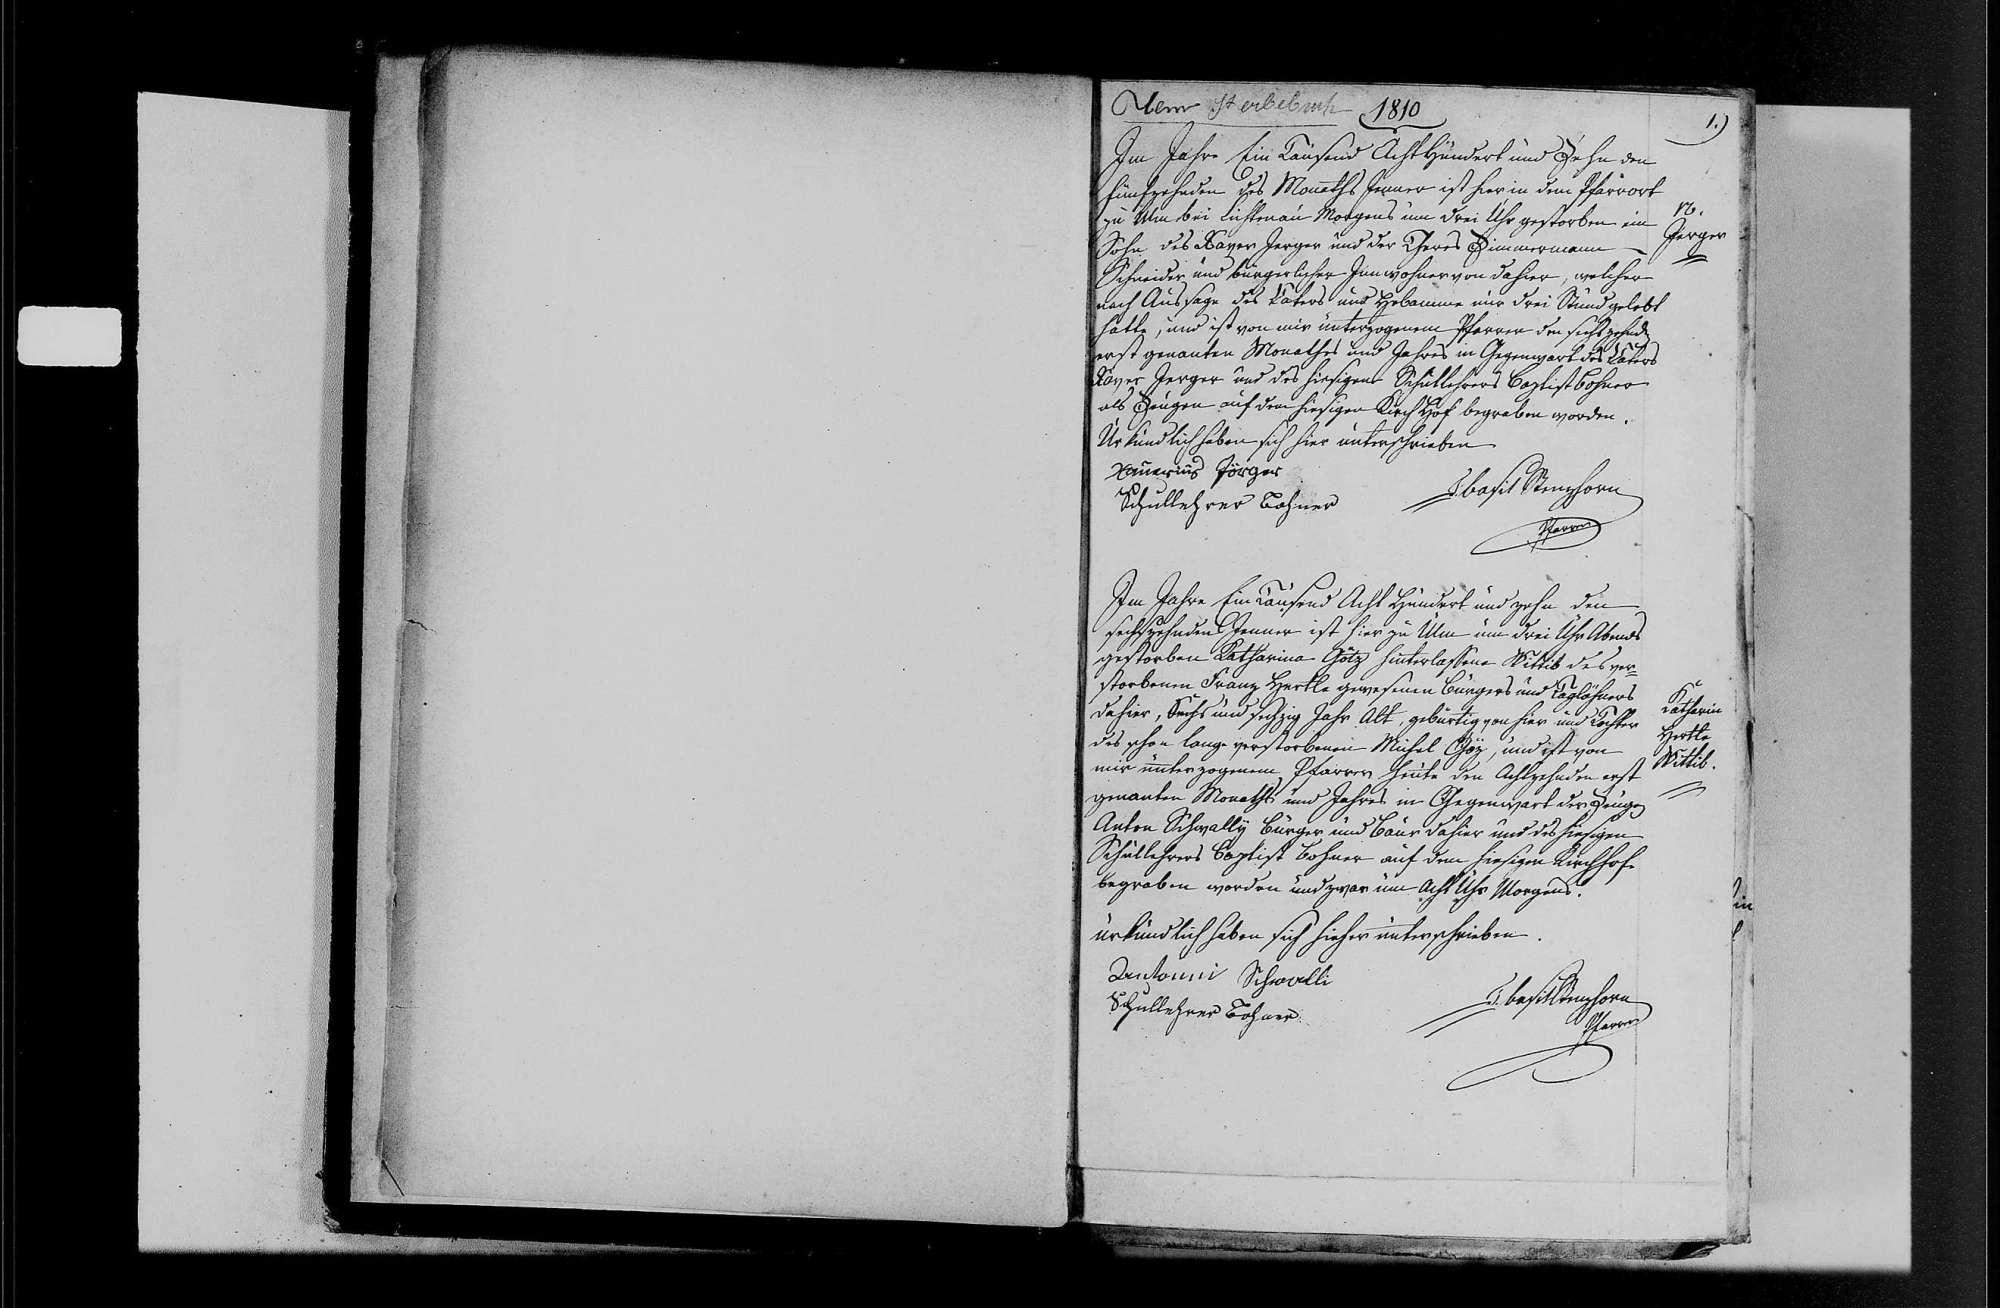 Ulm, katholische Gemeinde: Sterbebuch 1810-1870, Bild 3